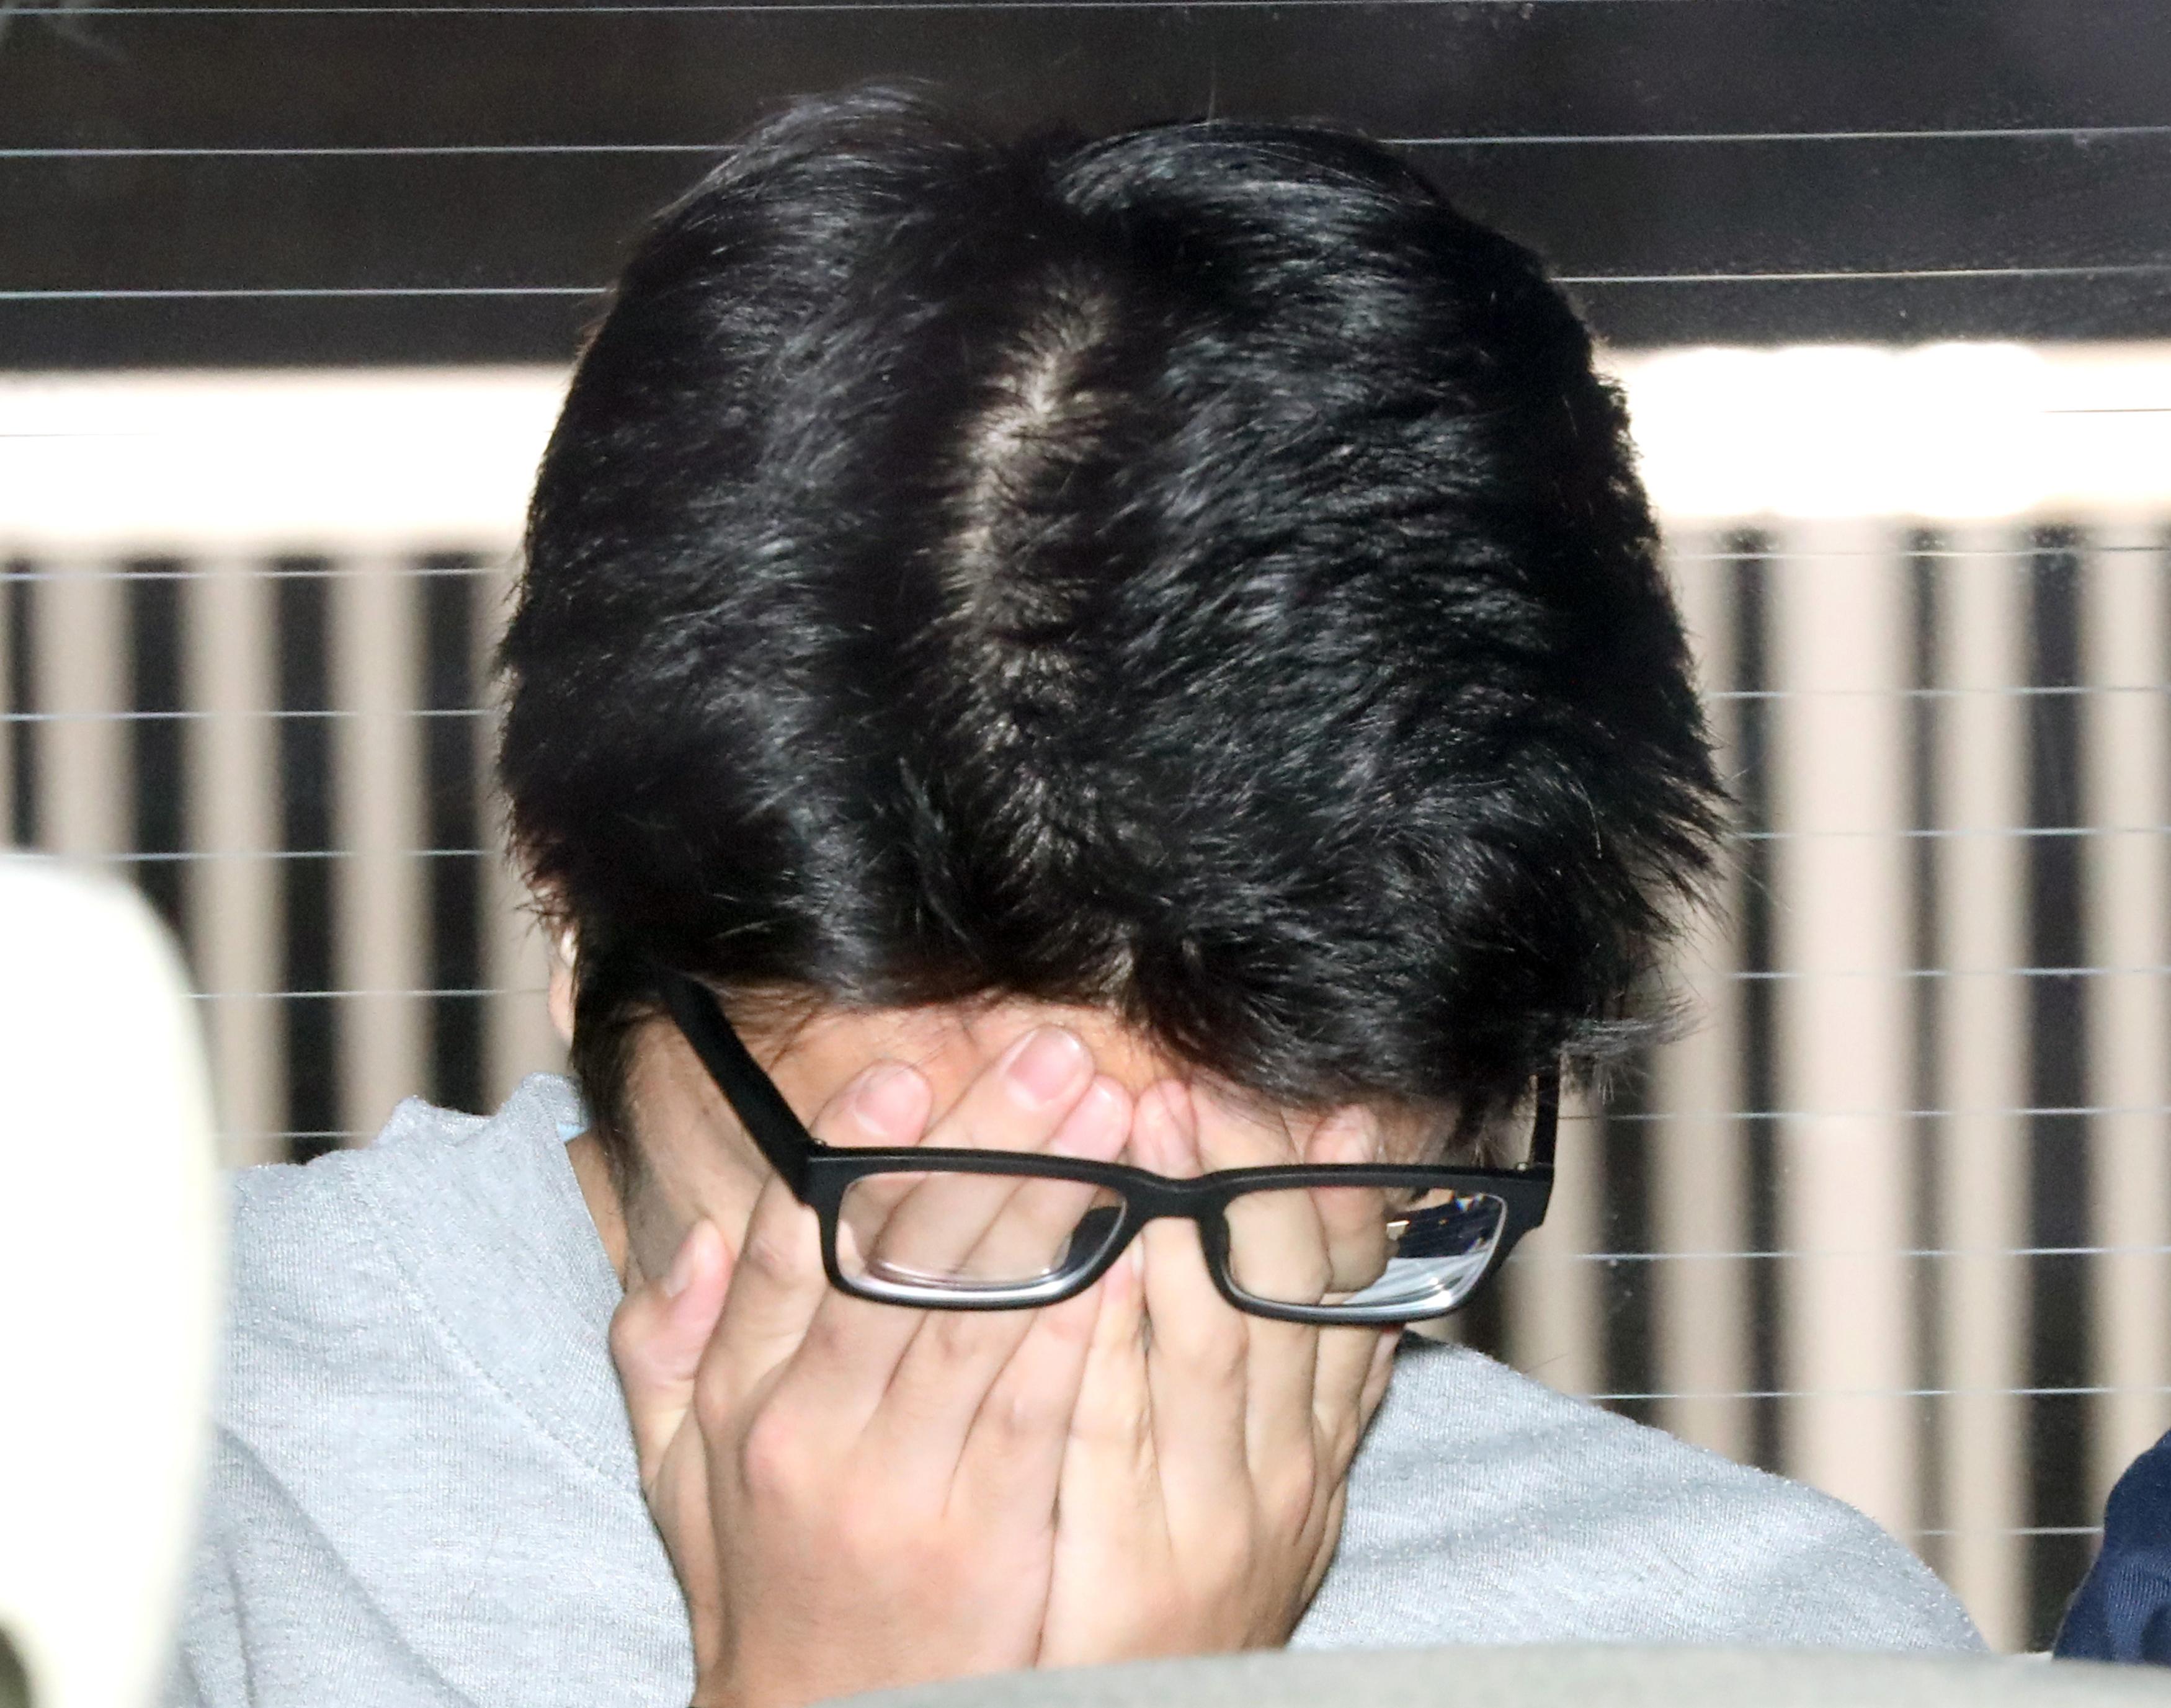 Halálra ítélték a japán gyilkost, aki a Twitteren csábított el öngyilkosságon gondolkozó nőket